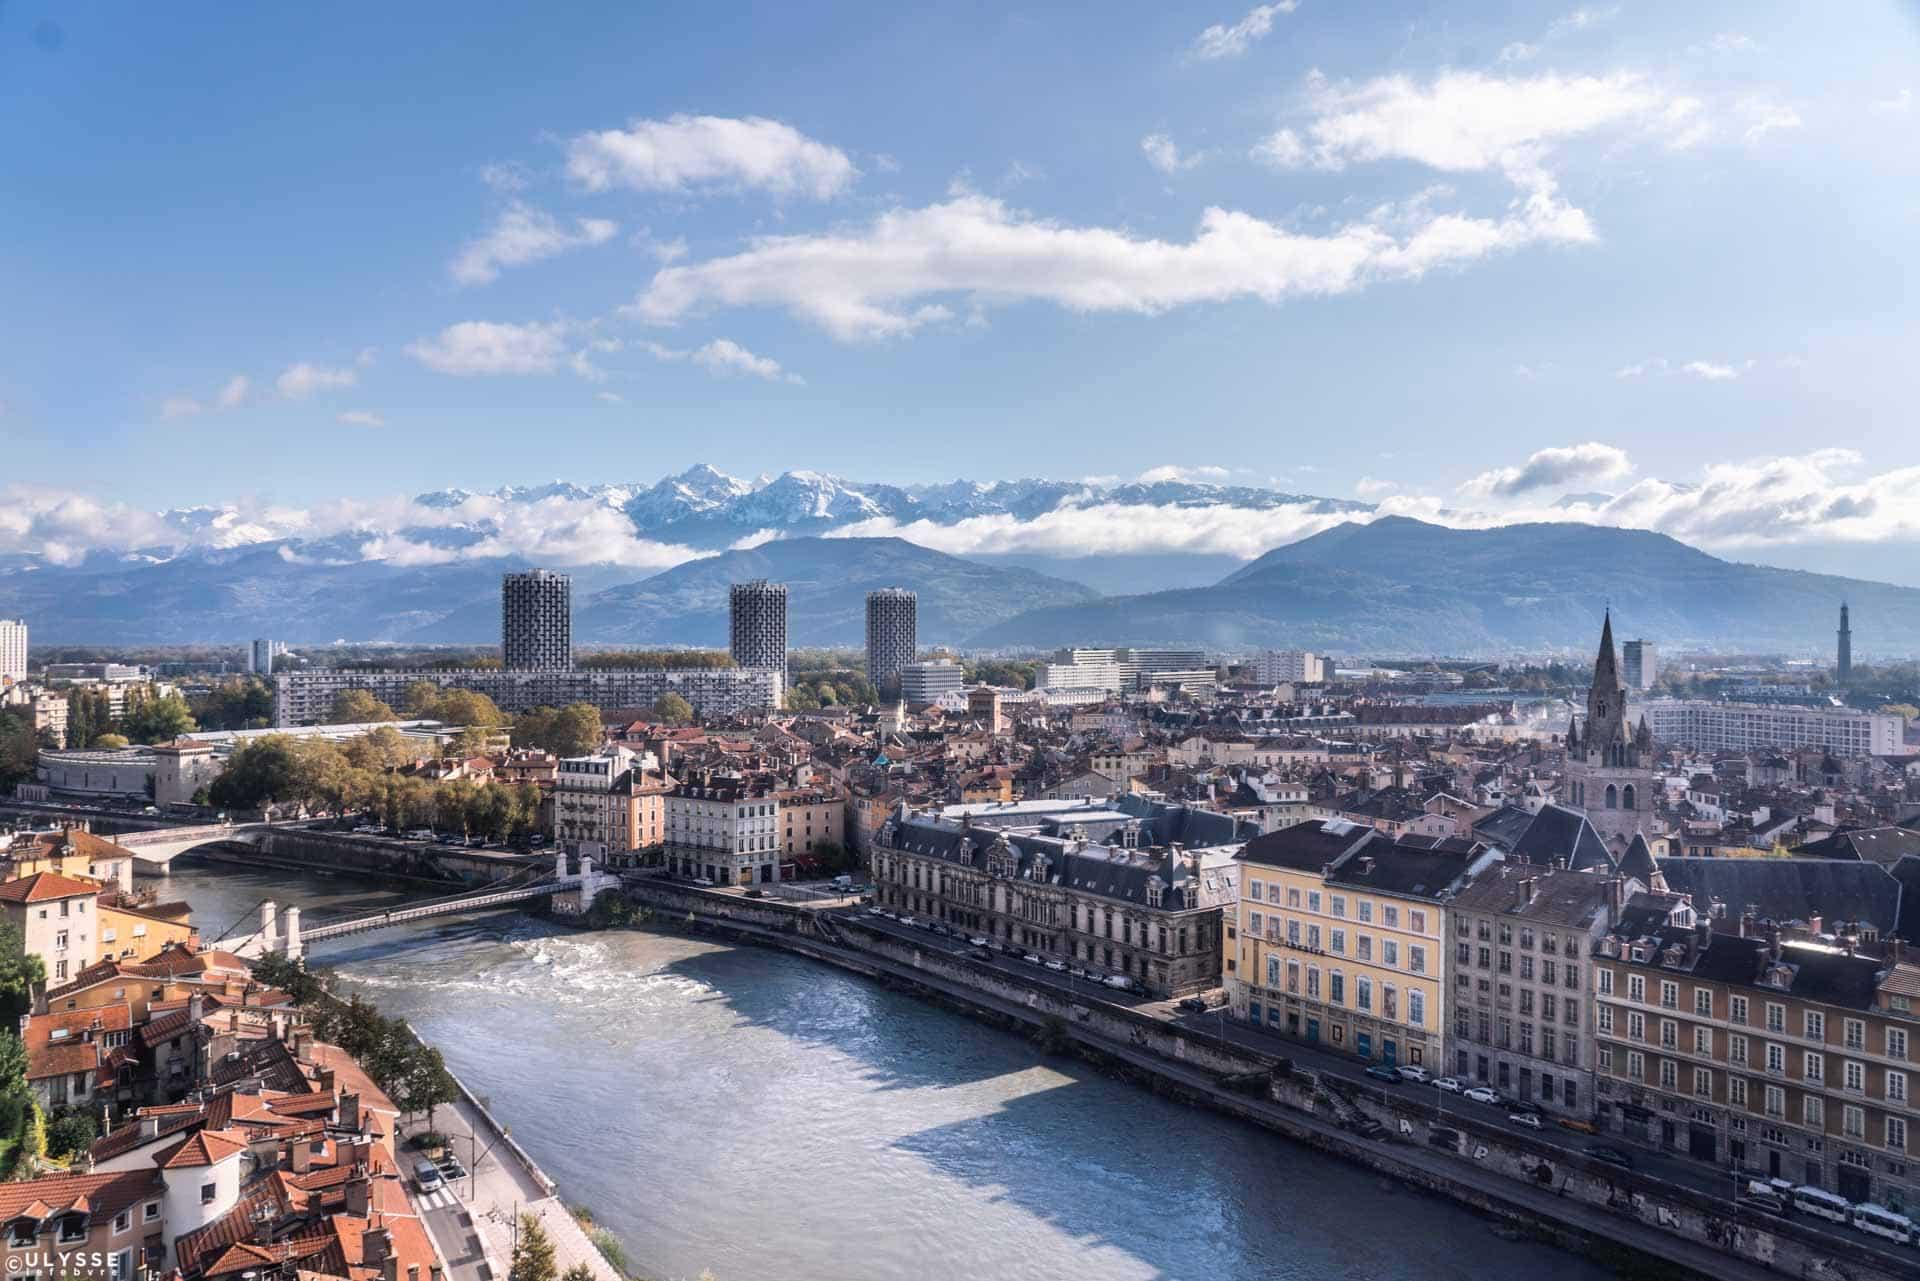 — Reporté — CinéMontagne Grenoble – Une projection pour soutenir le cinéma de montagne